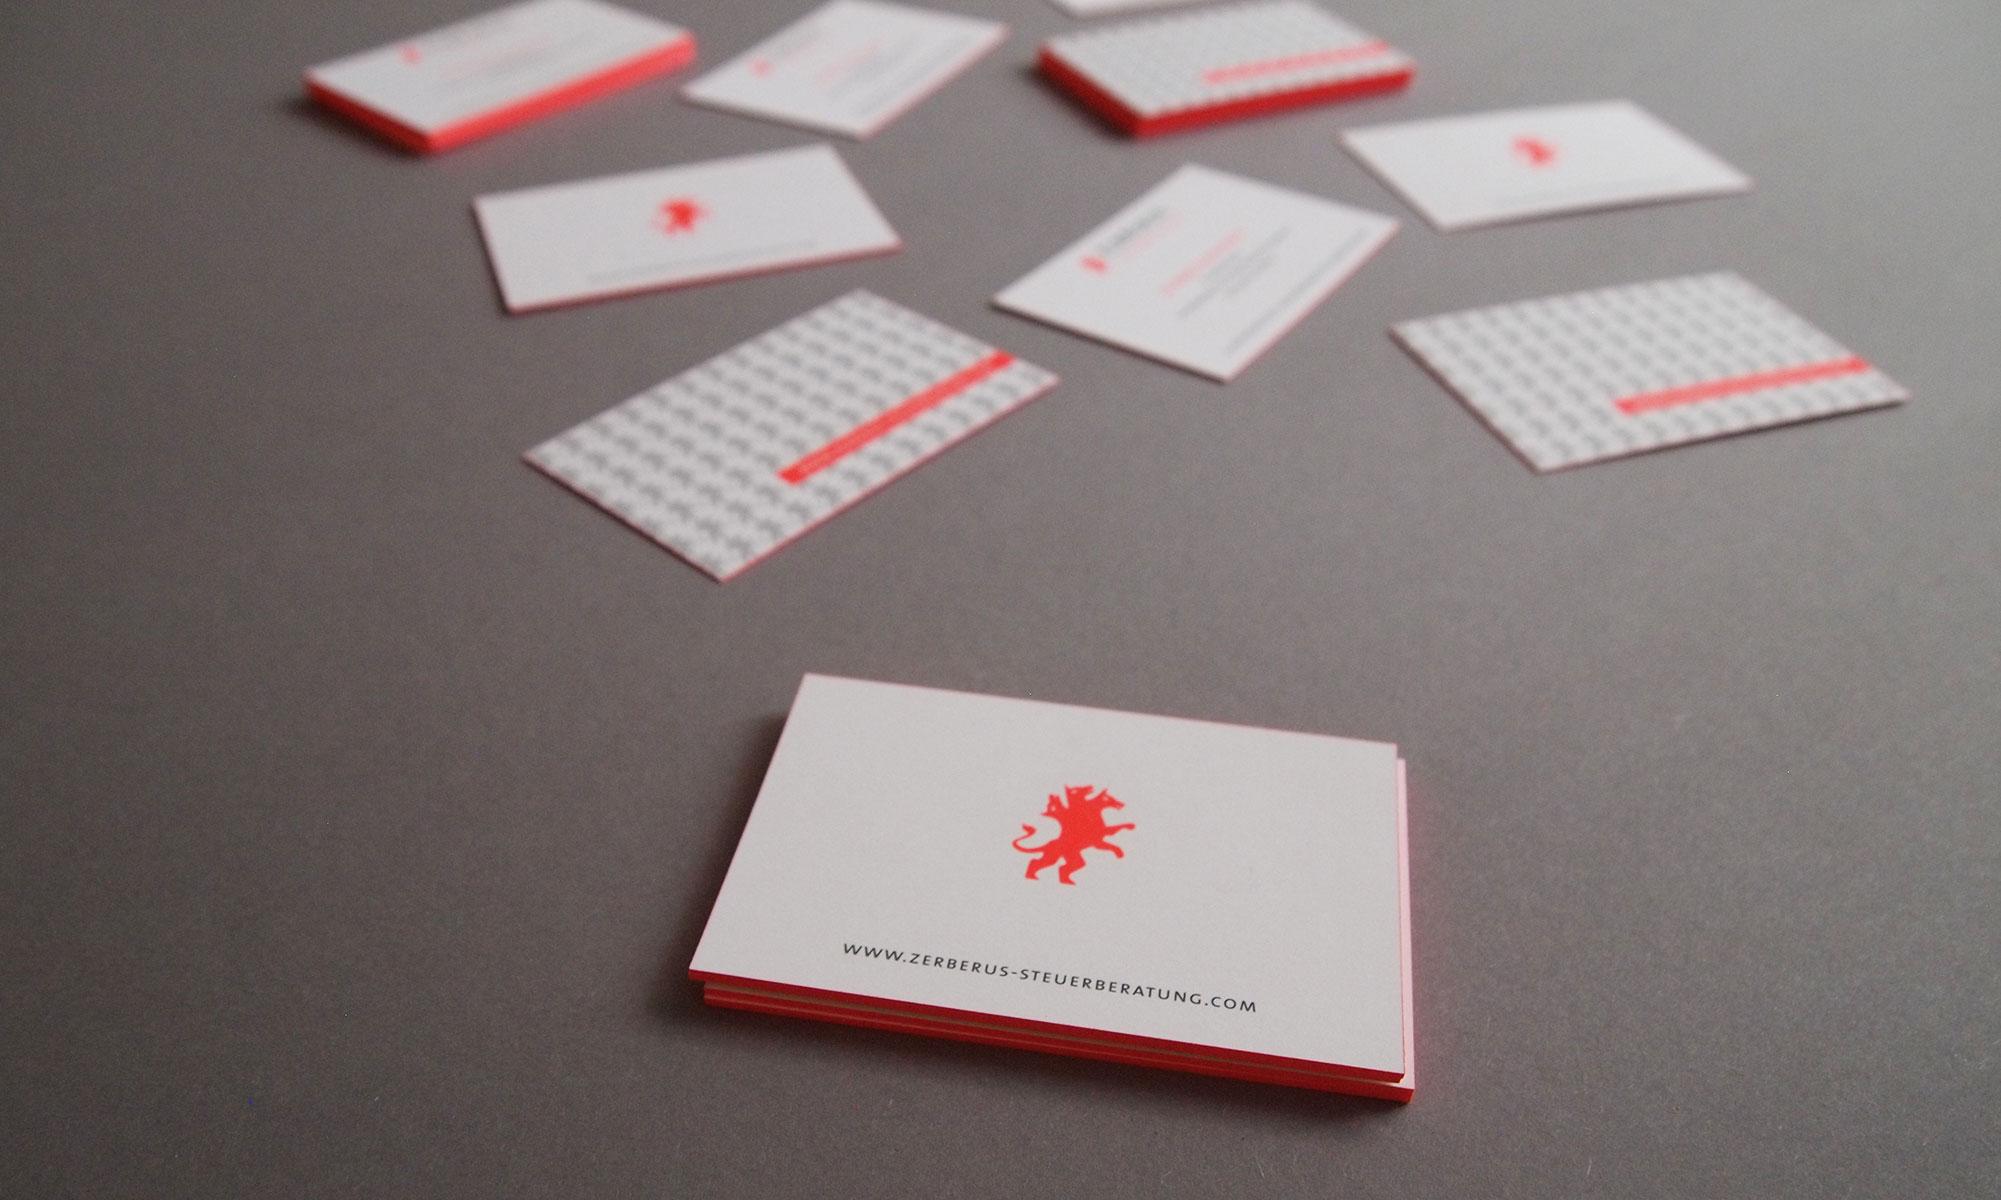 Visitenkarte Grafikdesigner